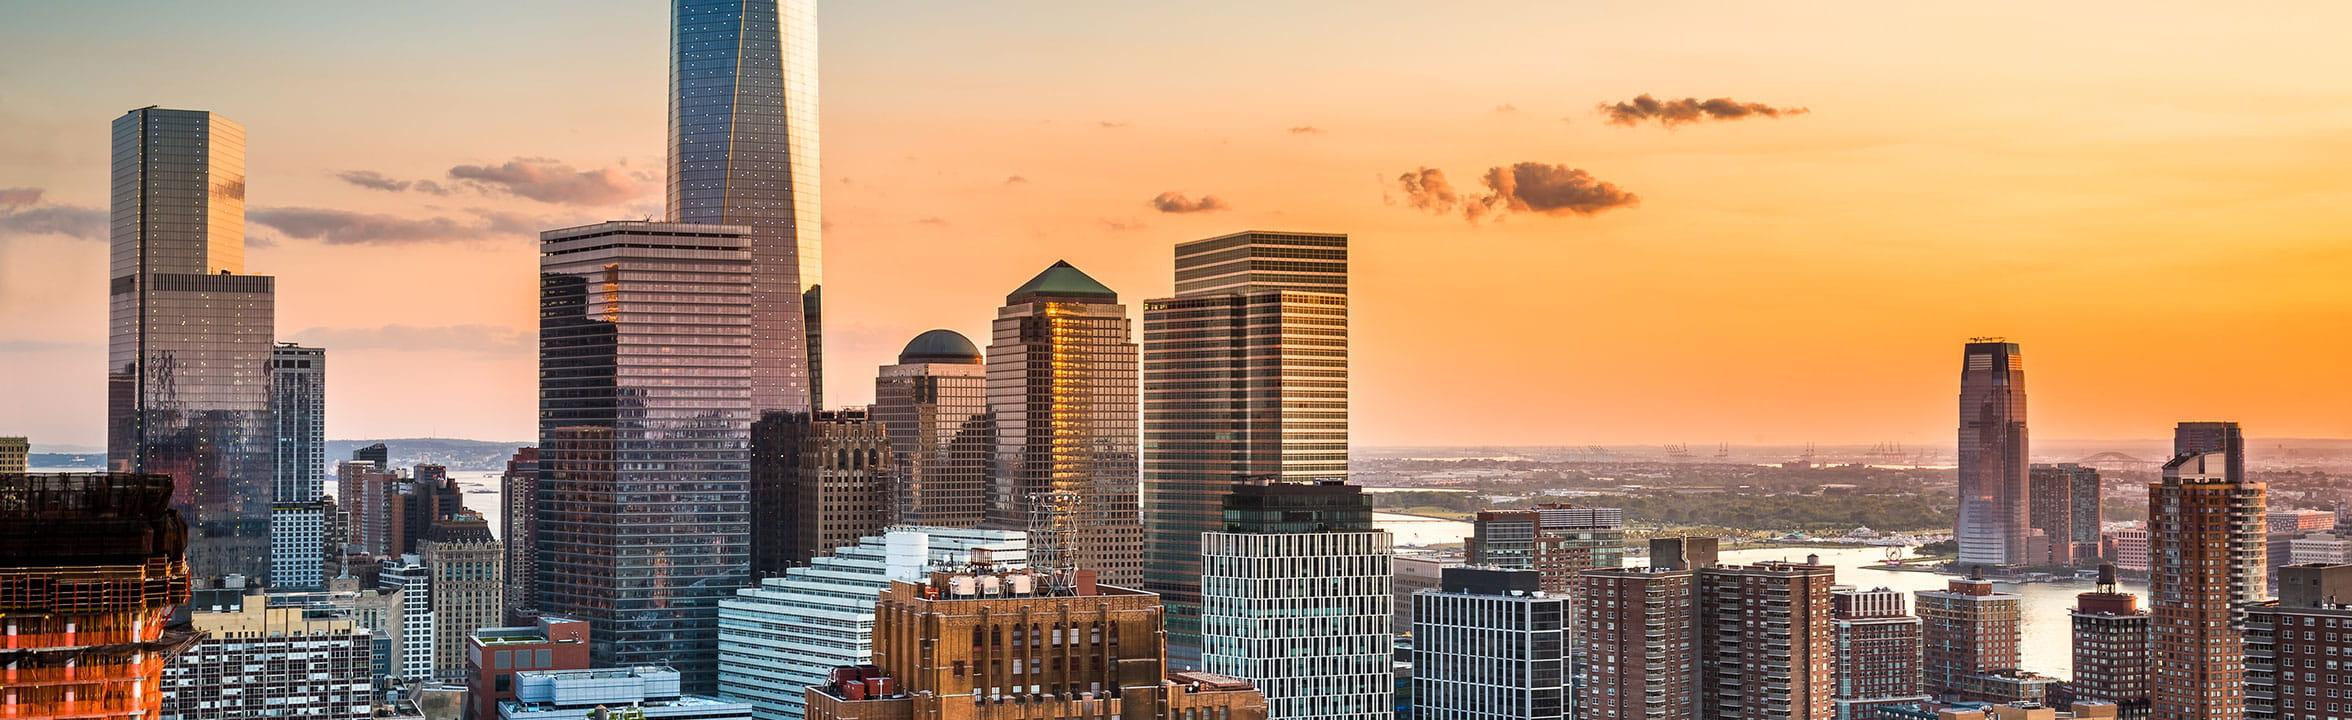 Downtown New York skyline